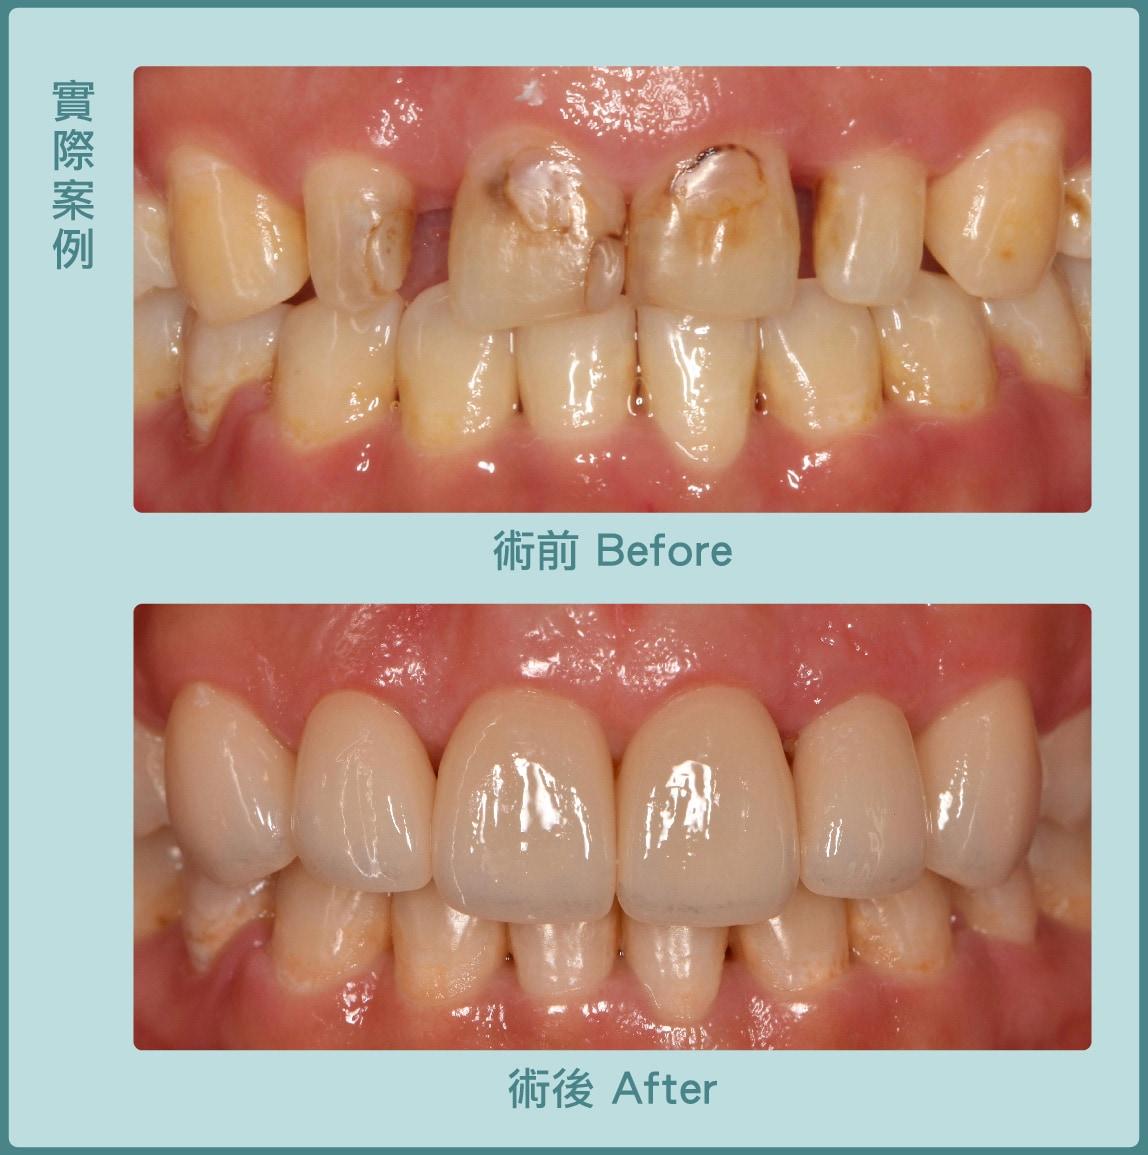 牙周整形手術-牙冠增長術-瓷牙貼片-改善牙縫大-牙齒表面破損